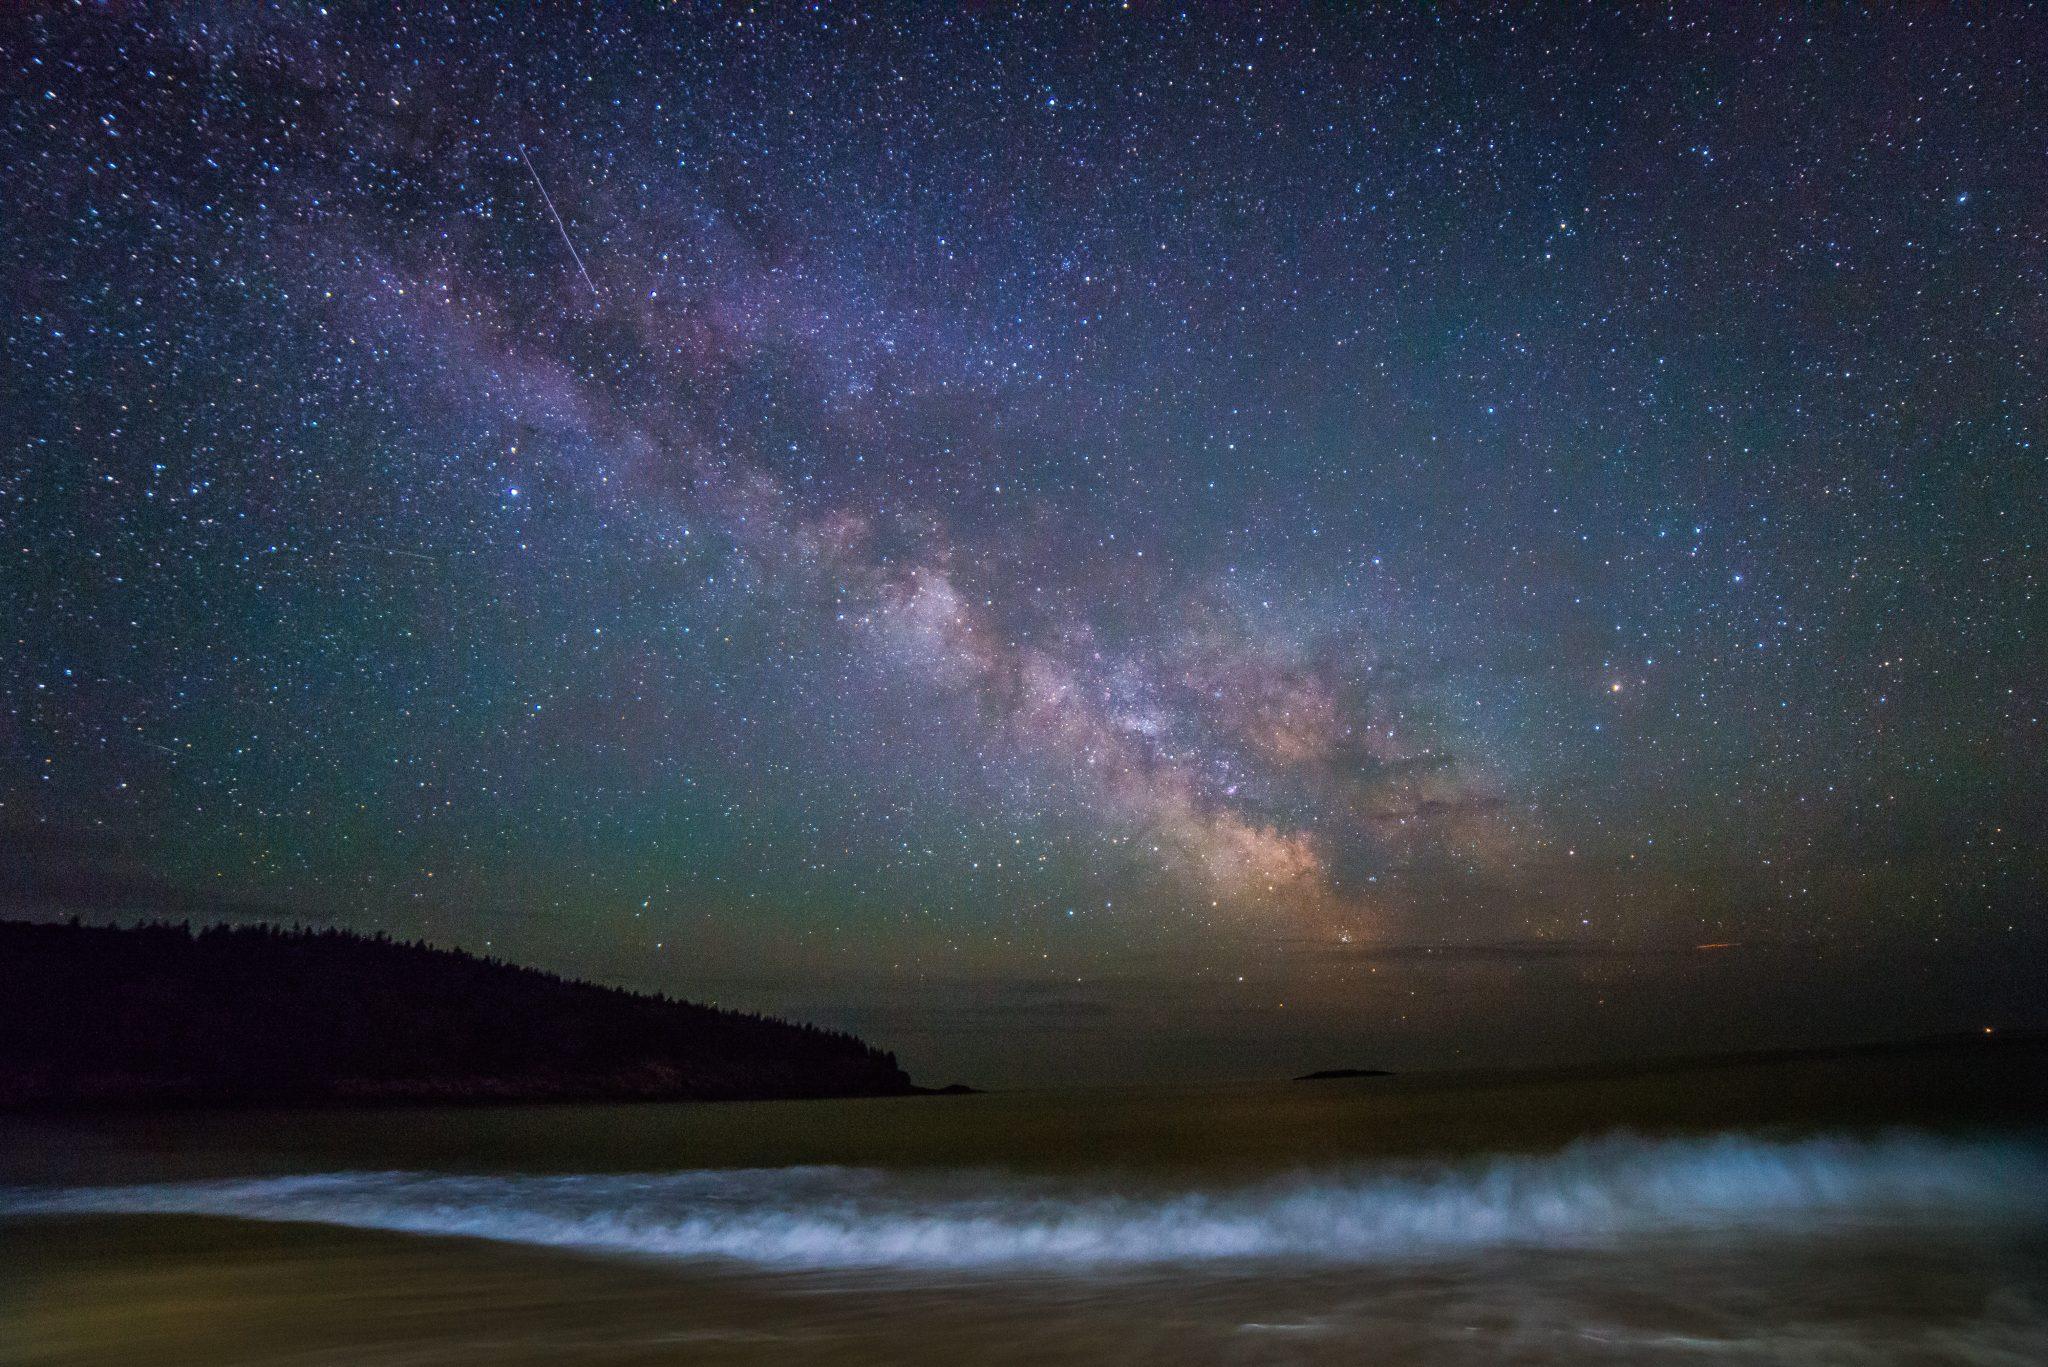 Milky Way over waves